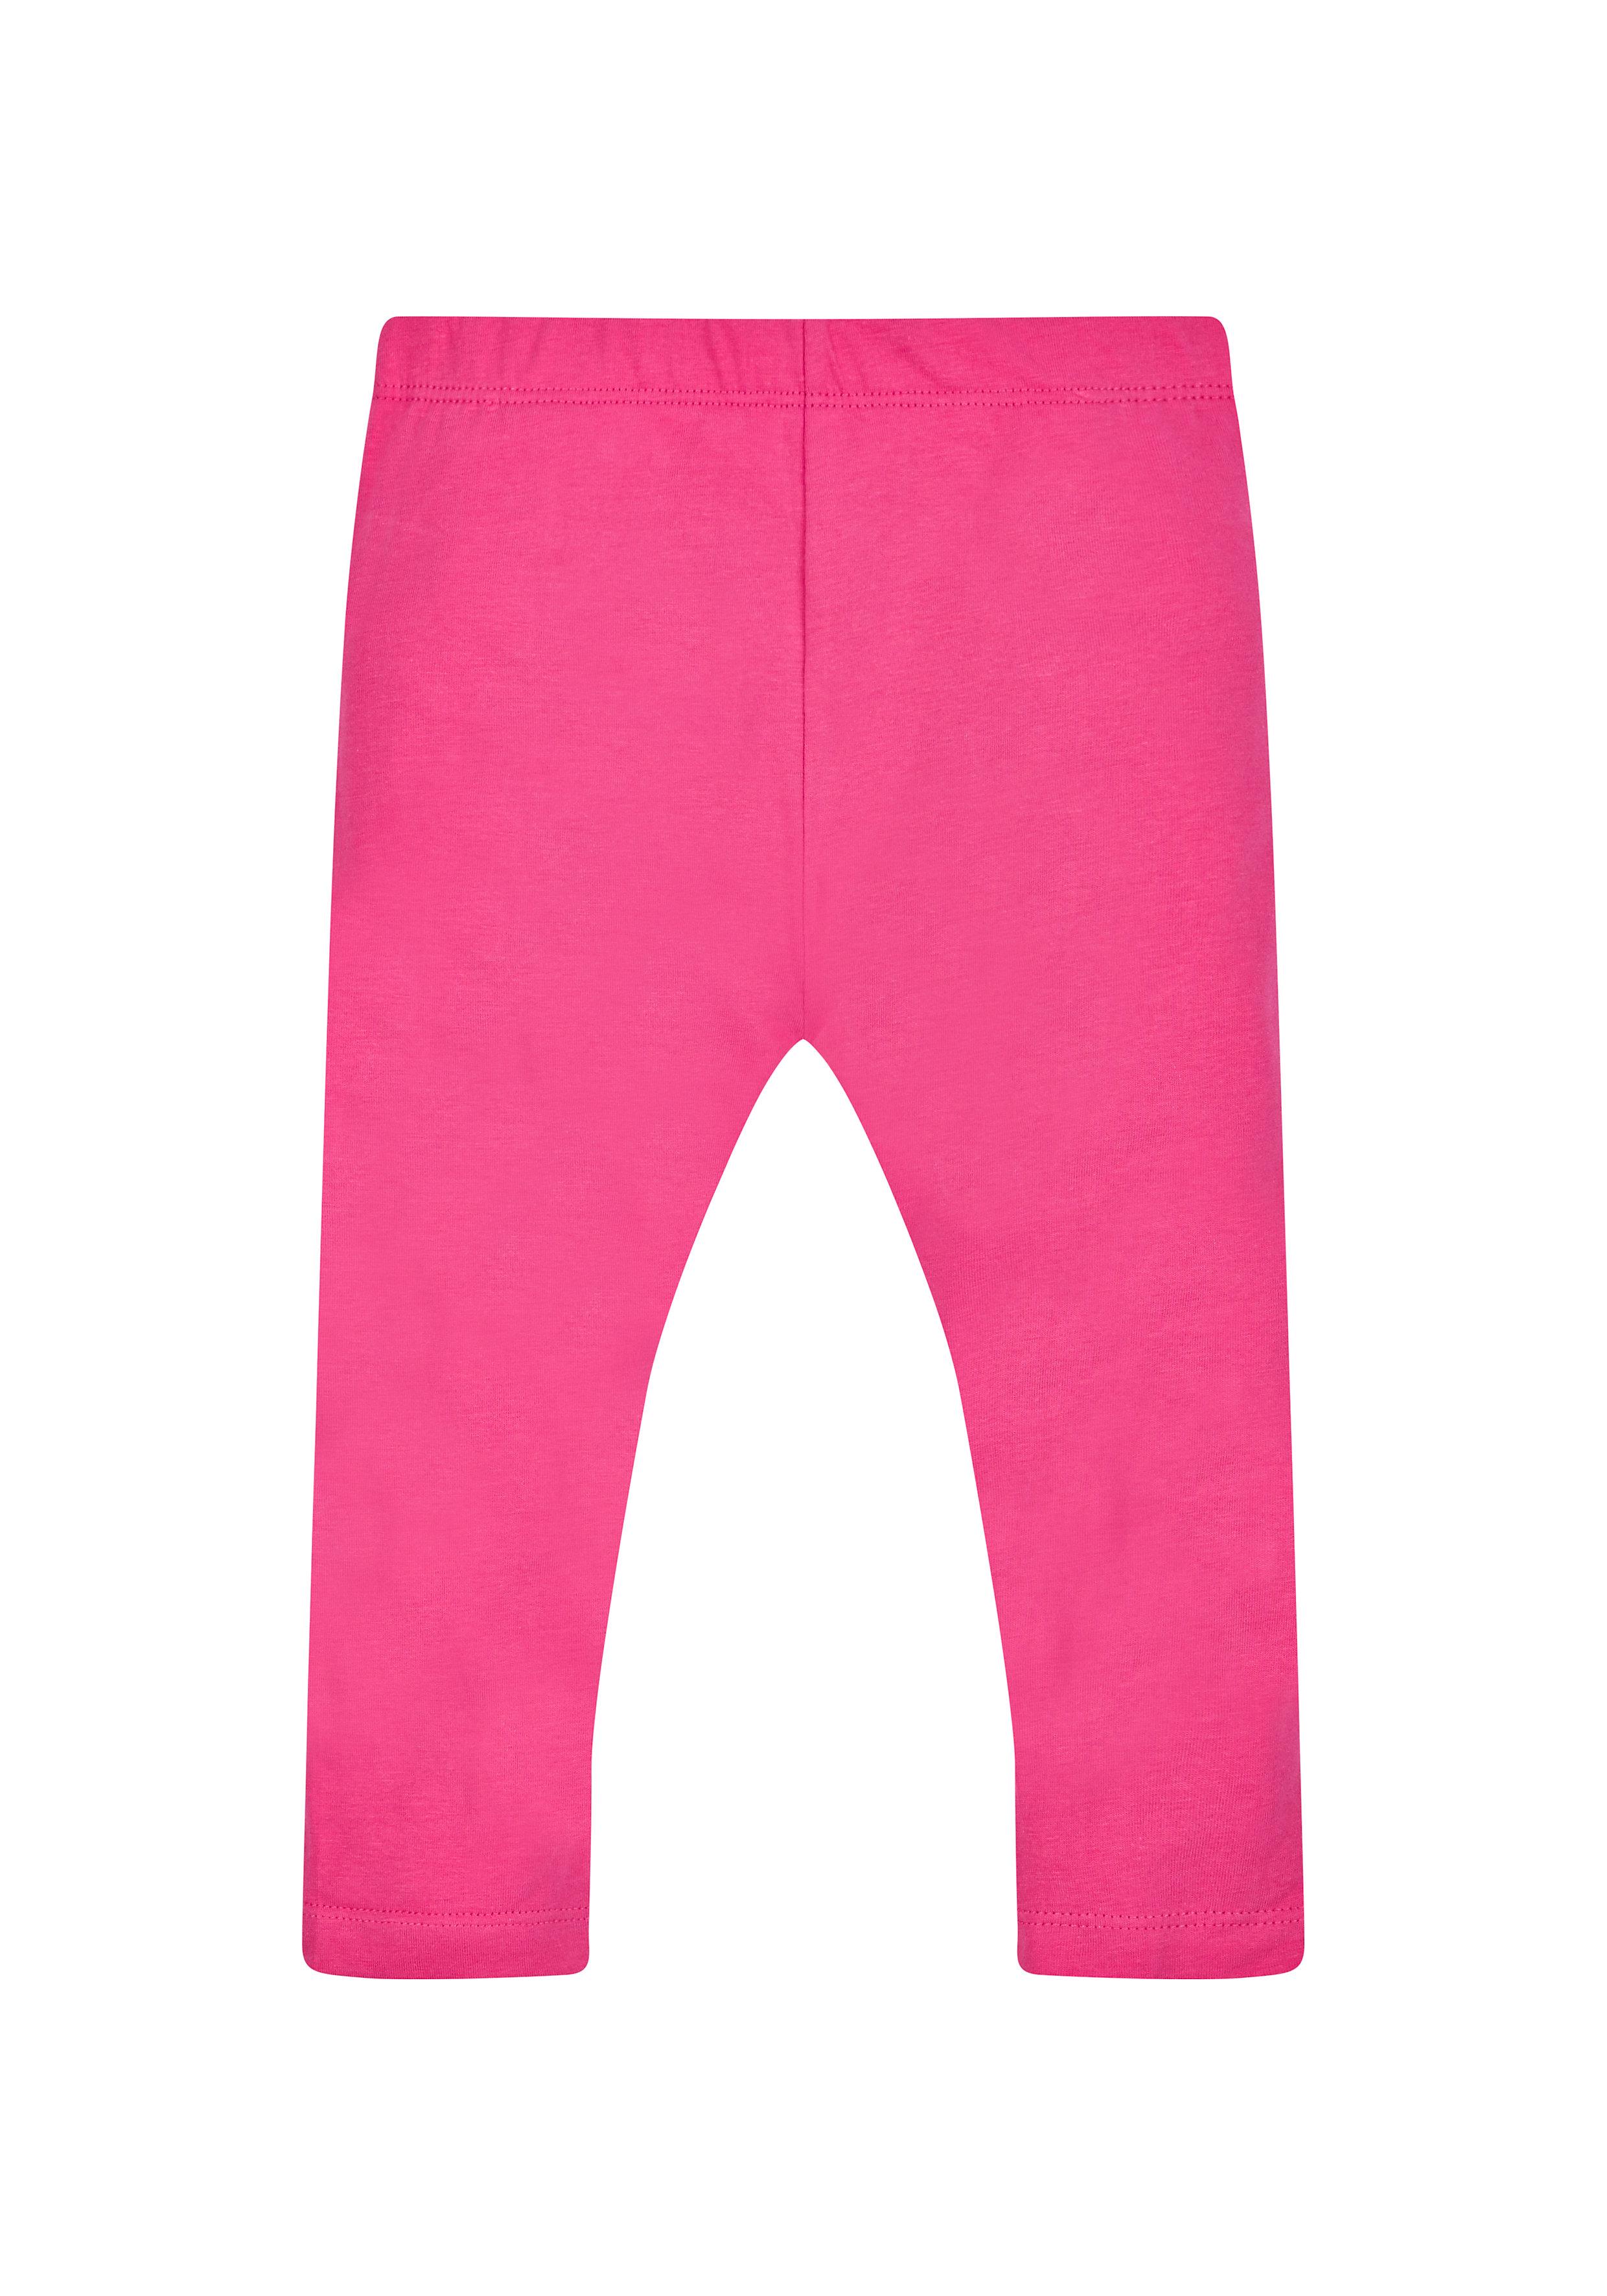 Mothercare | Girls Leggings  - Pink